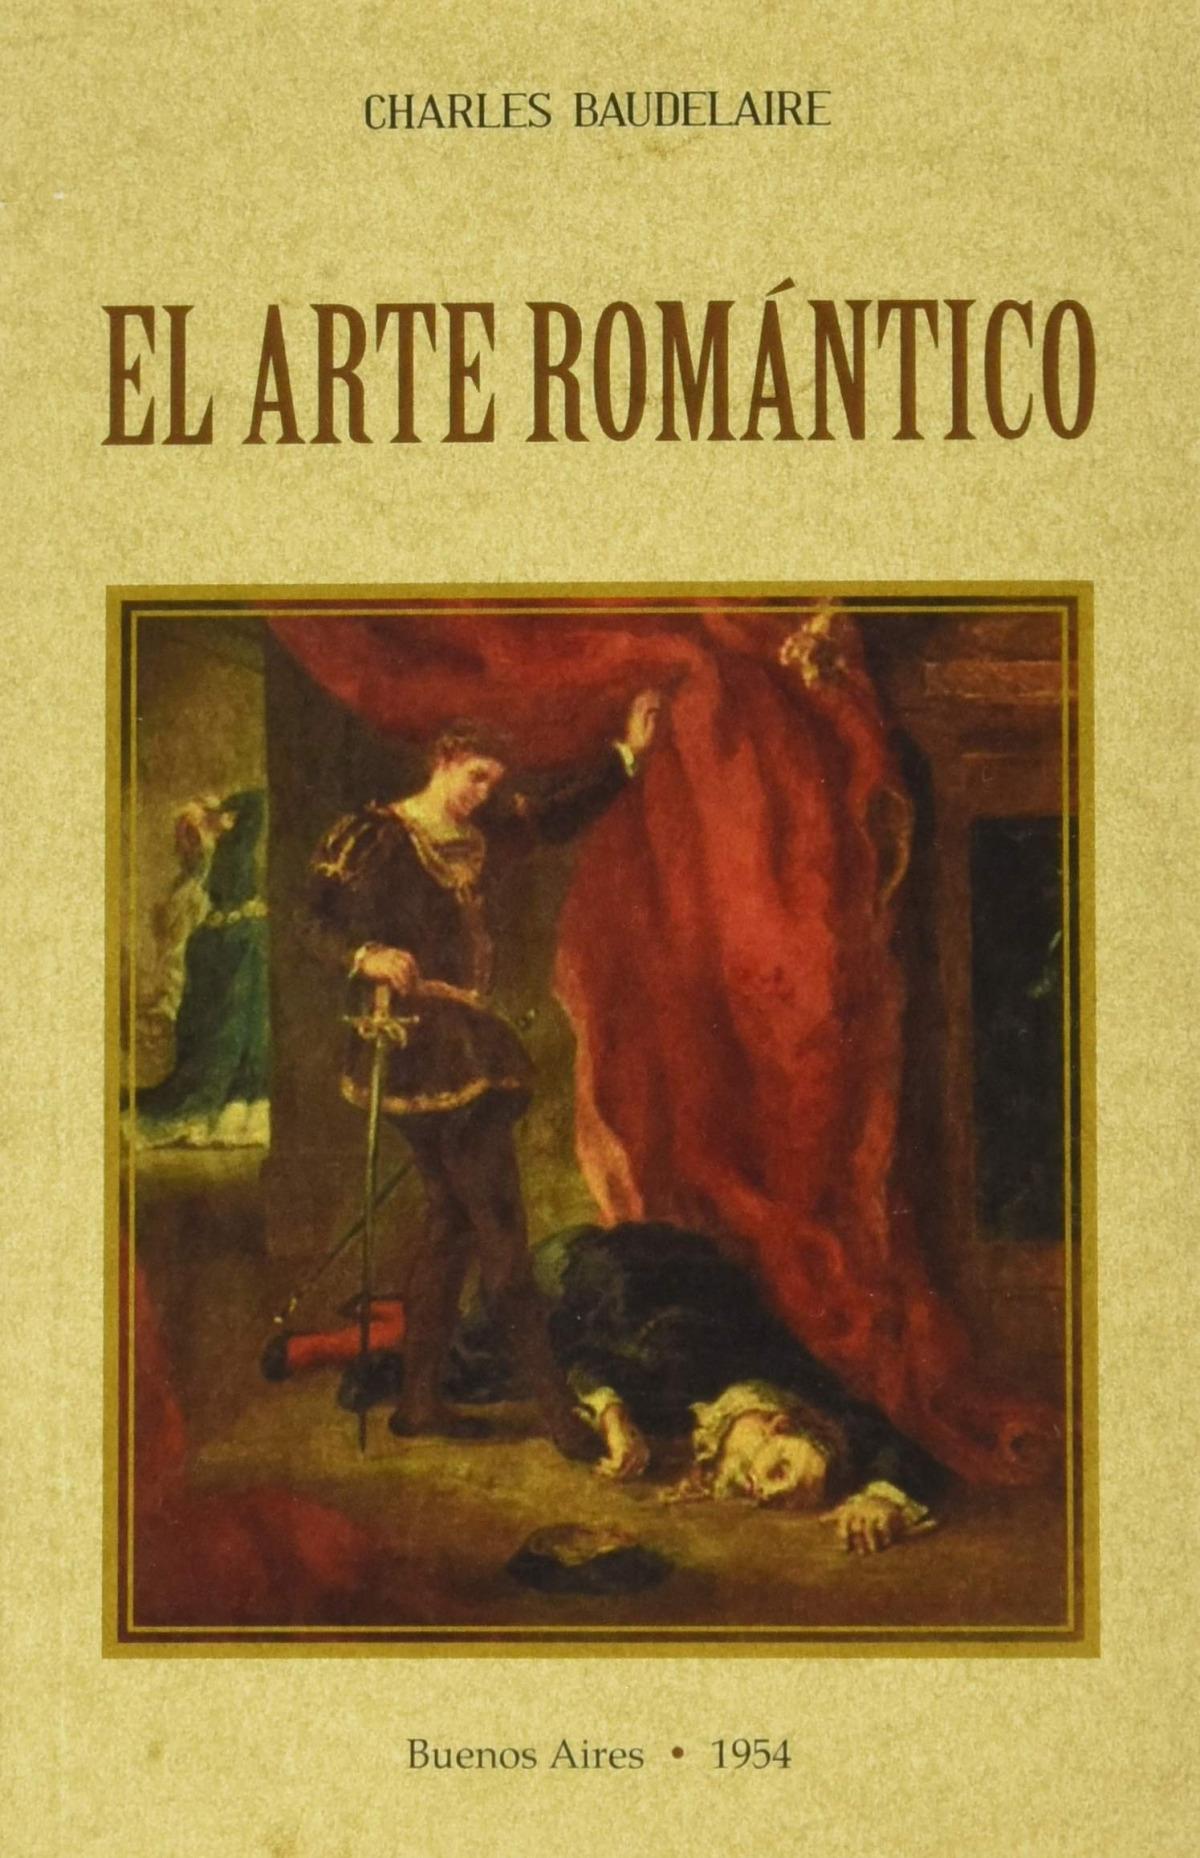 El arte romántico